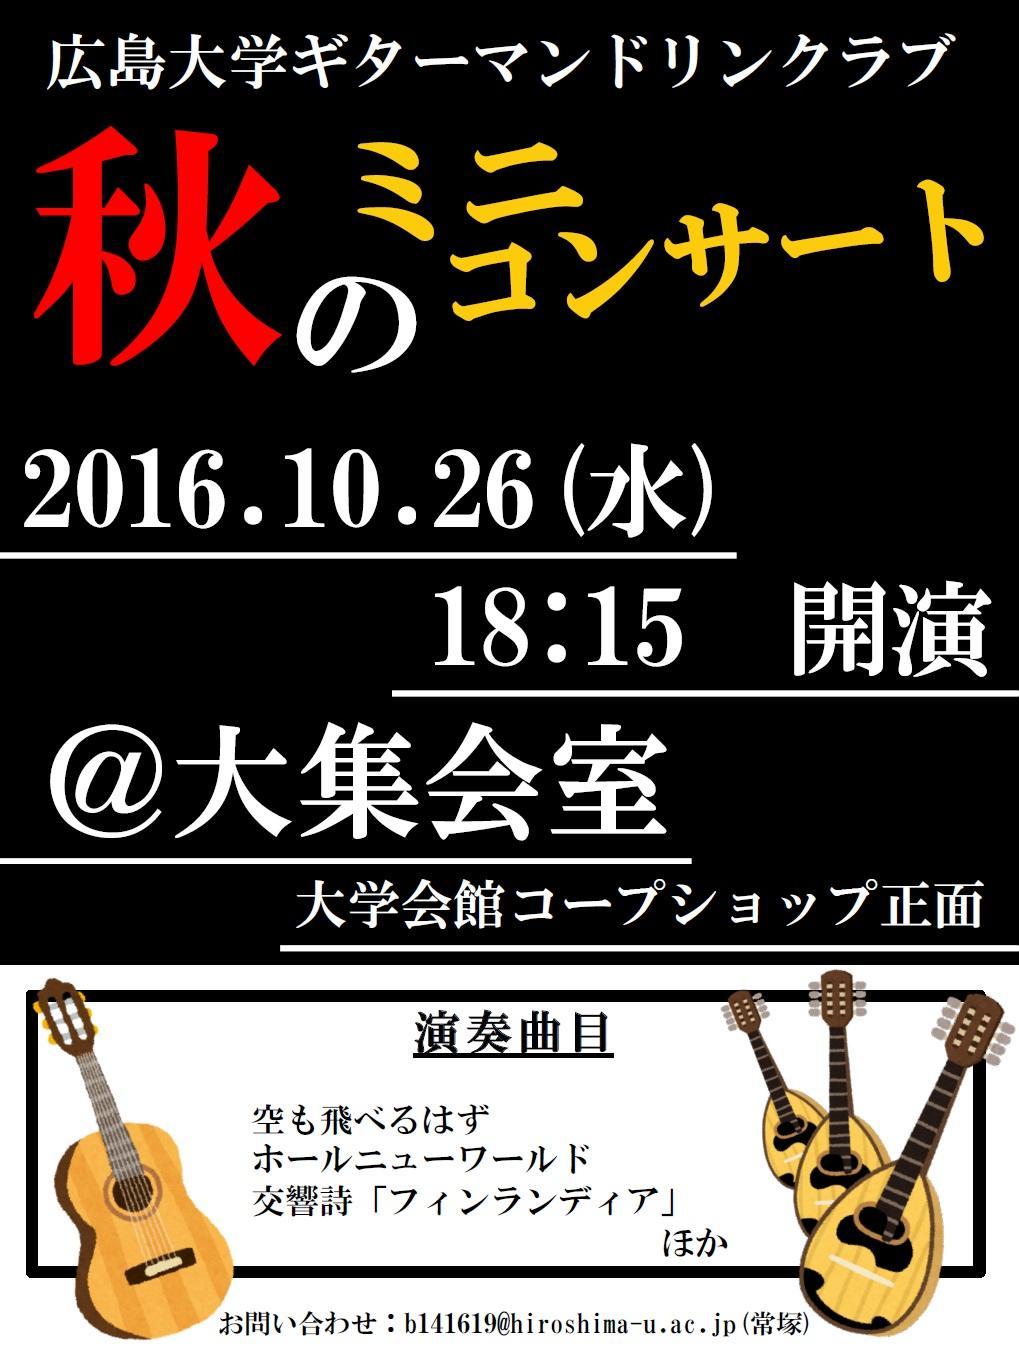 秋のミニコンサート【広島大学ギターマンドリンクラブ 】